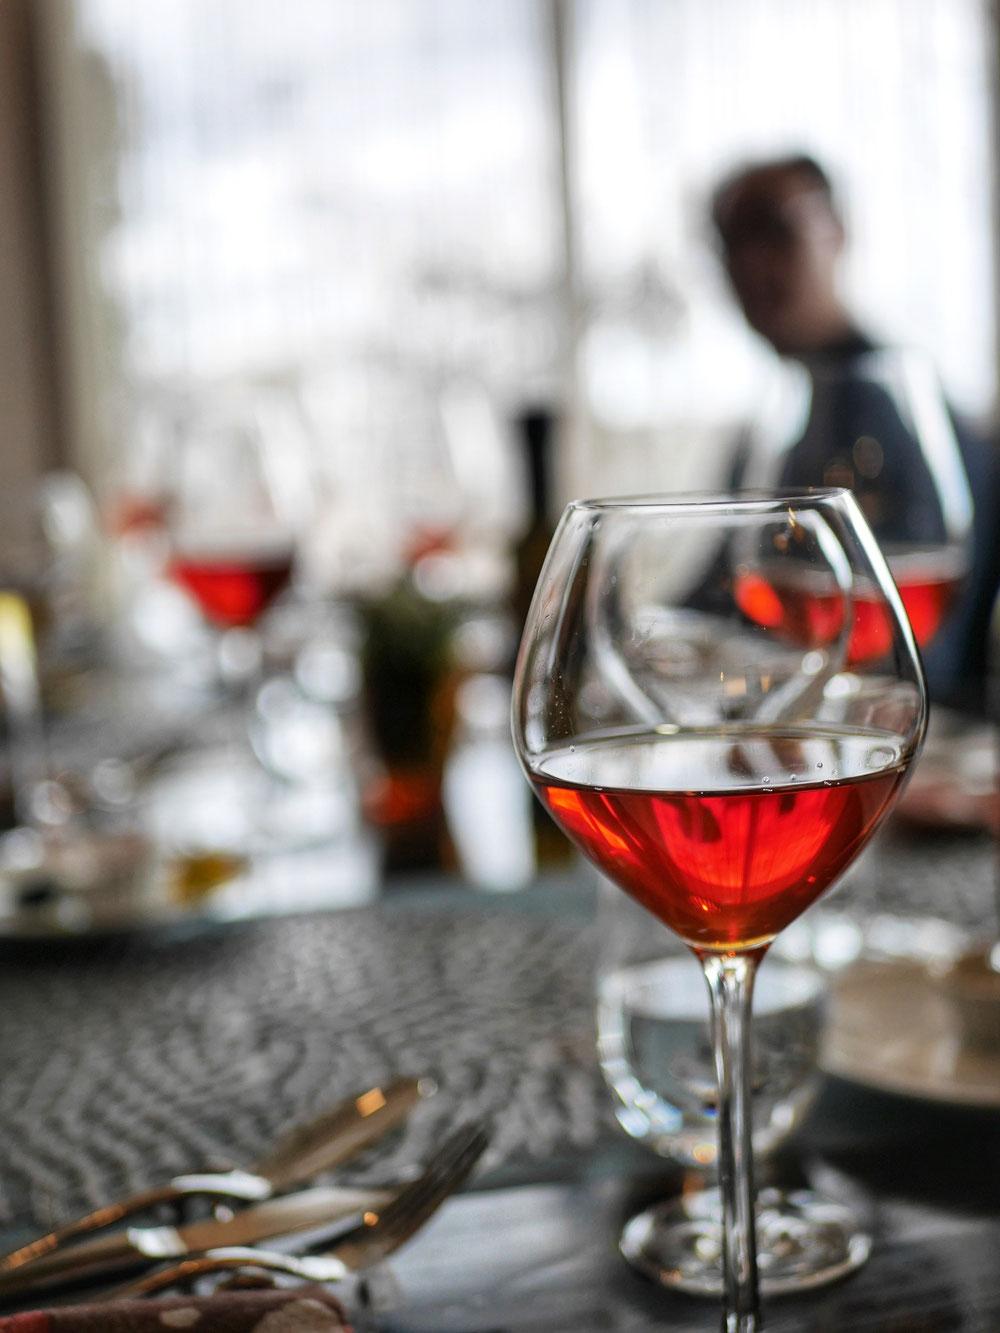 Kandyで赤ワインのように氷をひとつだけ溶かして